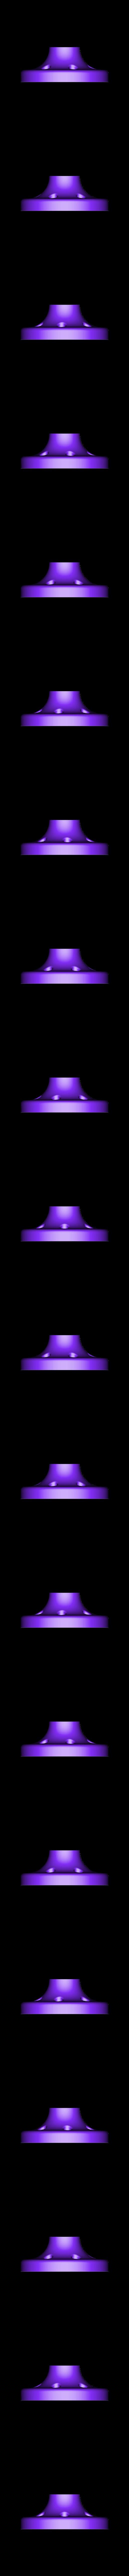 Dremel50mmPadM4.stl Télécharger fichier STL gratuit Outil rotatif (Dremel) Plateau de ponçage 50mm - M4 • Design imprimable en 3D, hirez